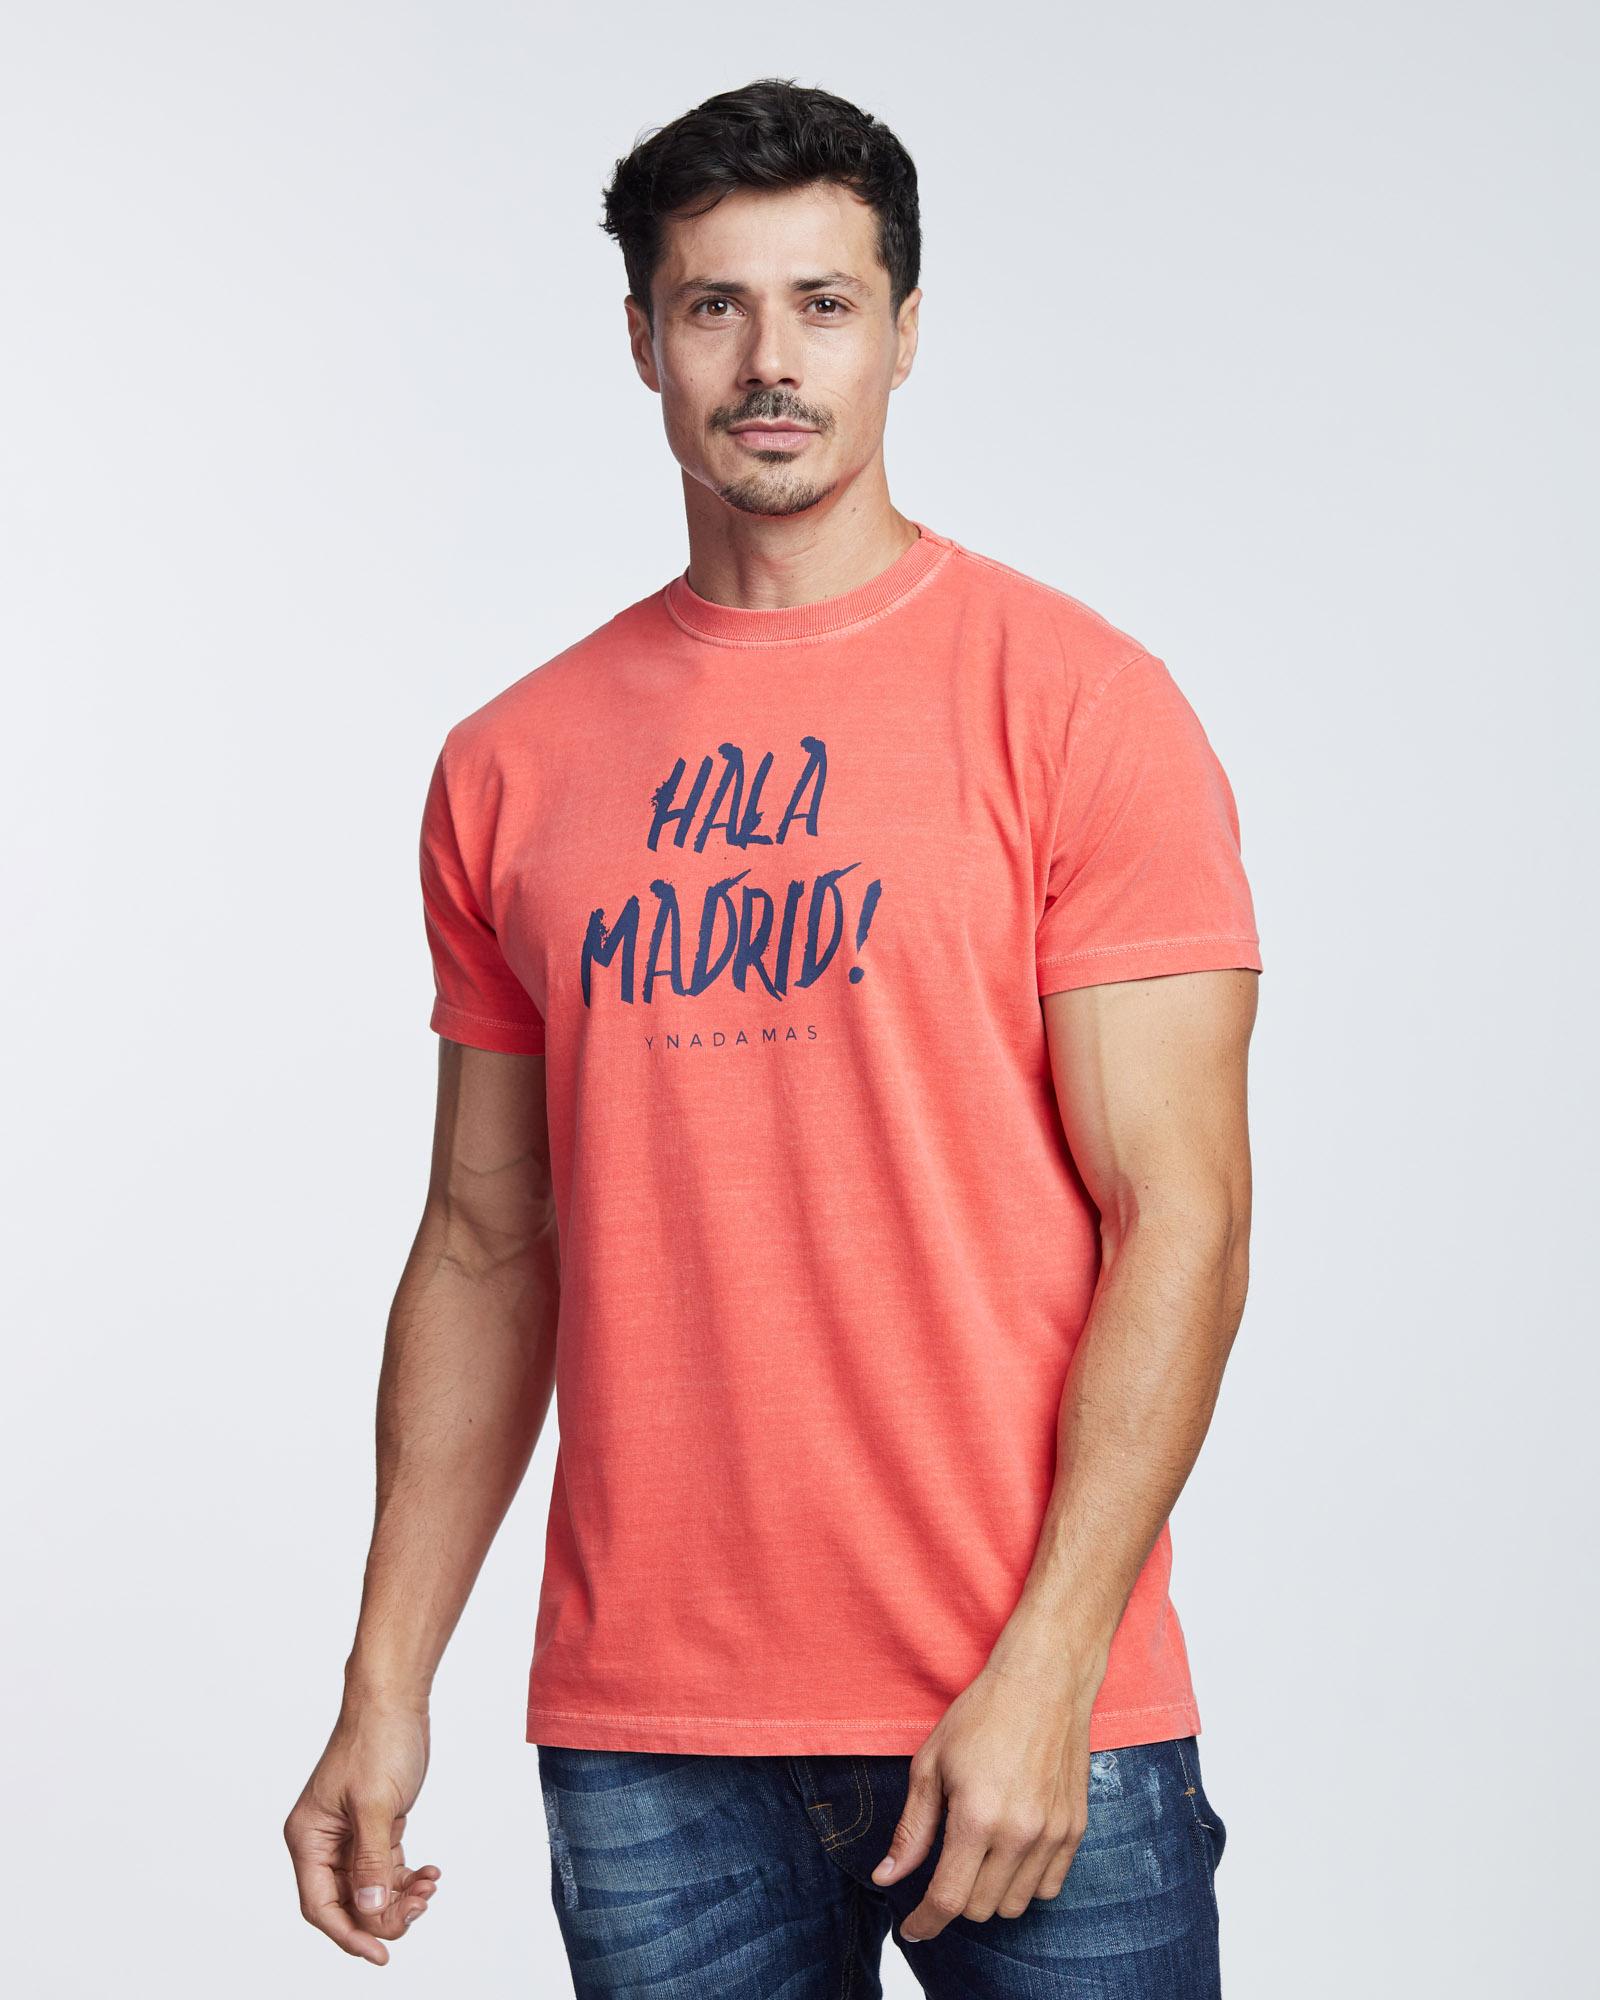 Camiseta Stone Hala Madrid Masculina Evolvee